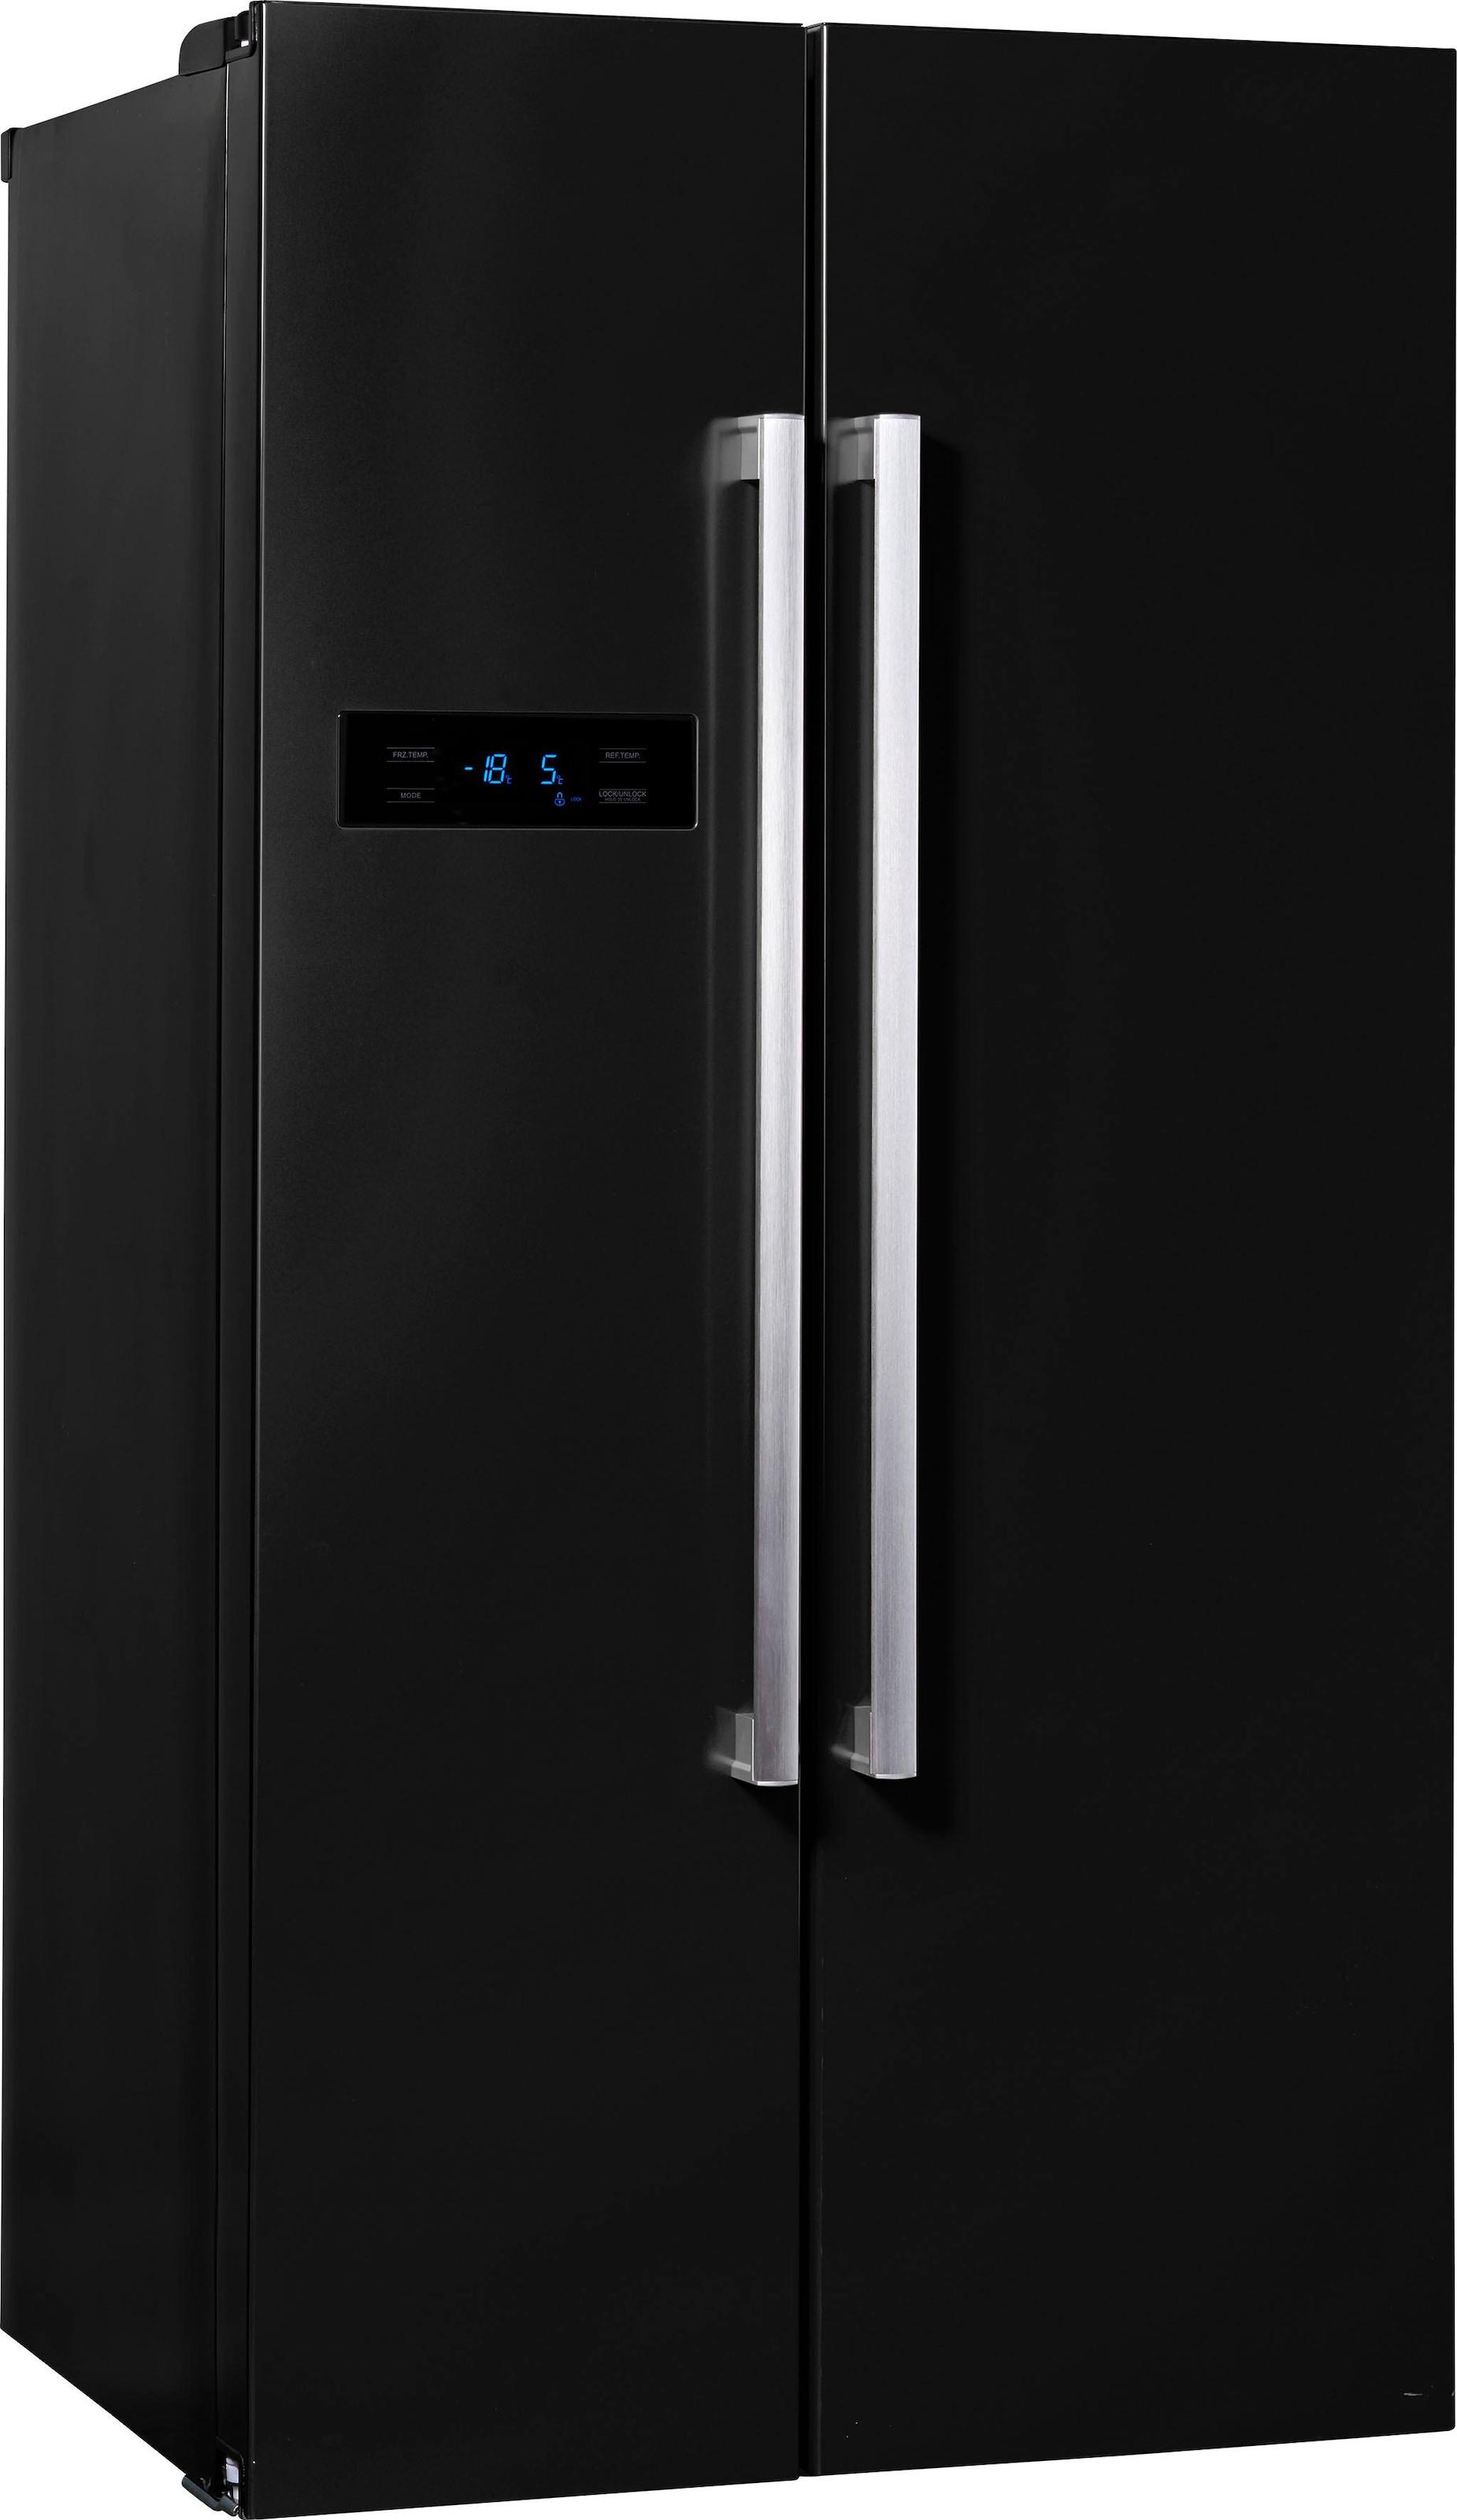 Schrank Für Side By Side Kühlschrank : Side by side kühlschrank auf rechnung raten kaufen